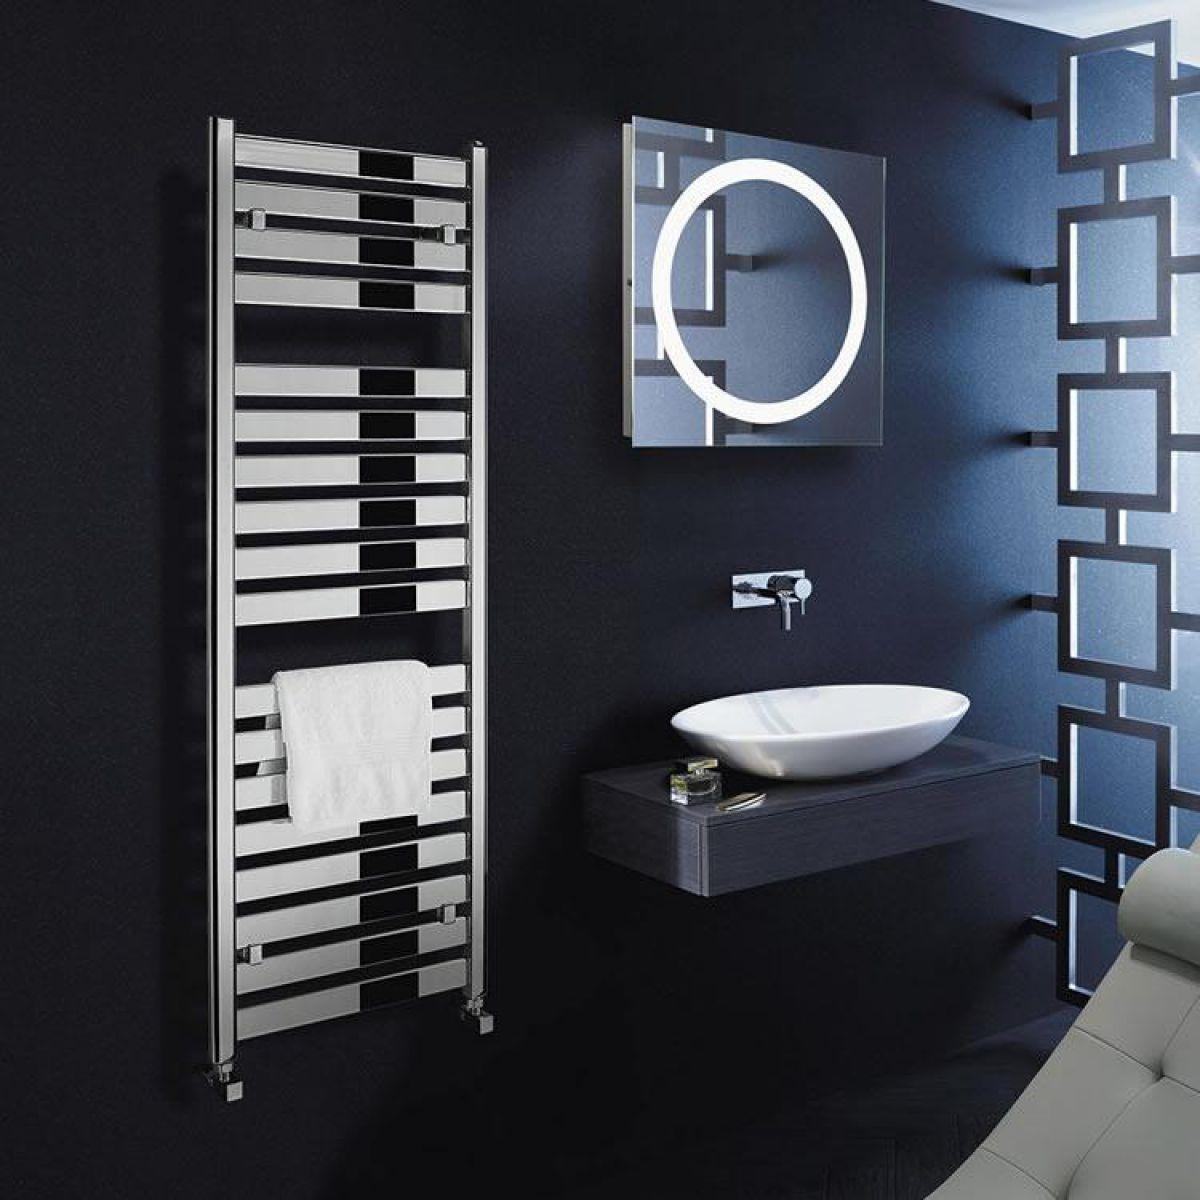 Bauhaus Edge Flat Panel 500 Towel Warming Radiator